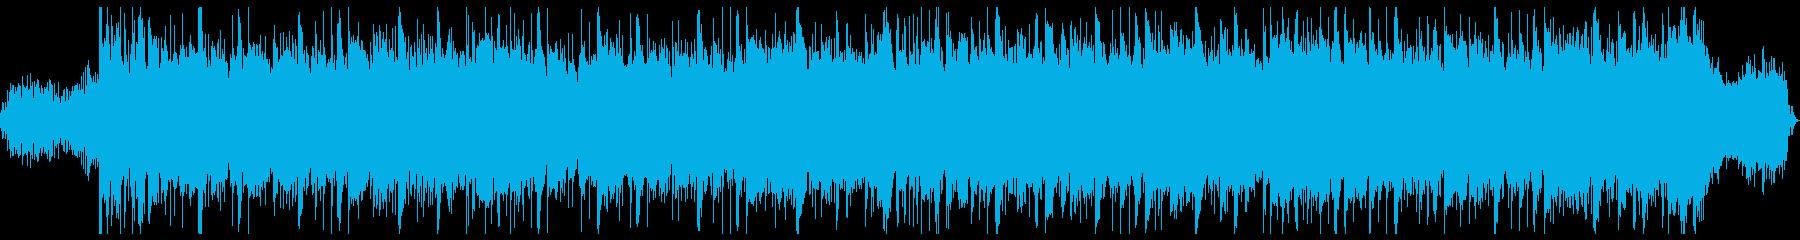 実験的 ロック ポストロック 実験...の再生済みの波形